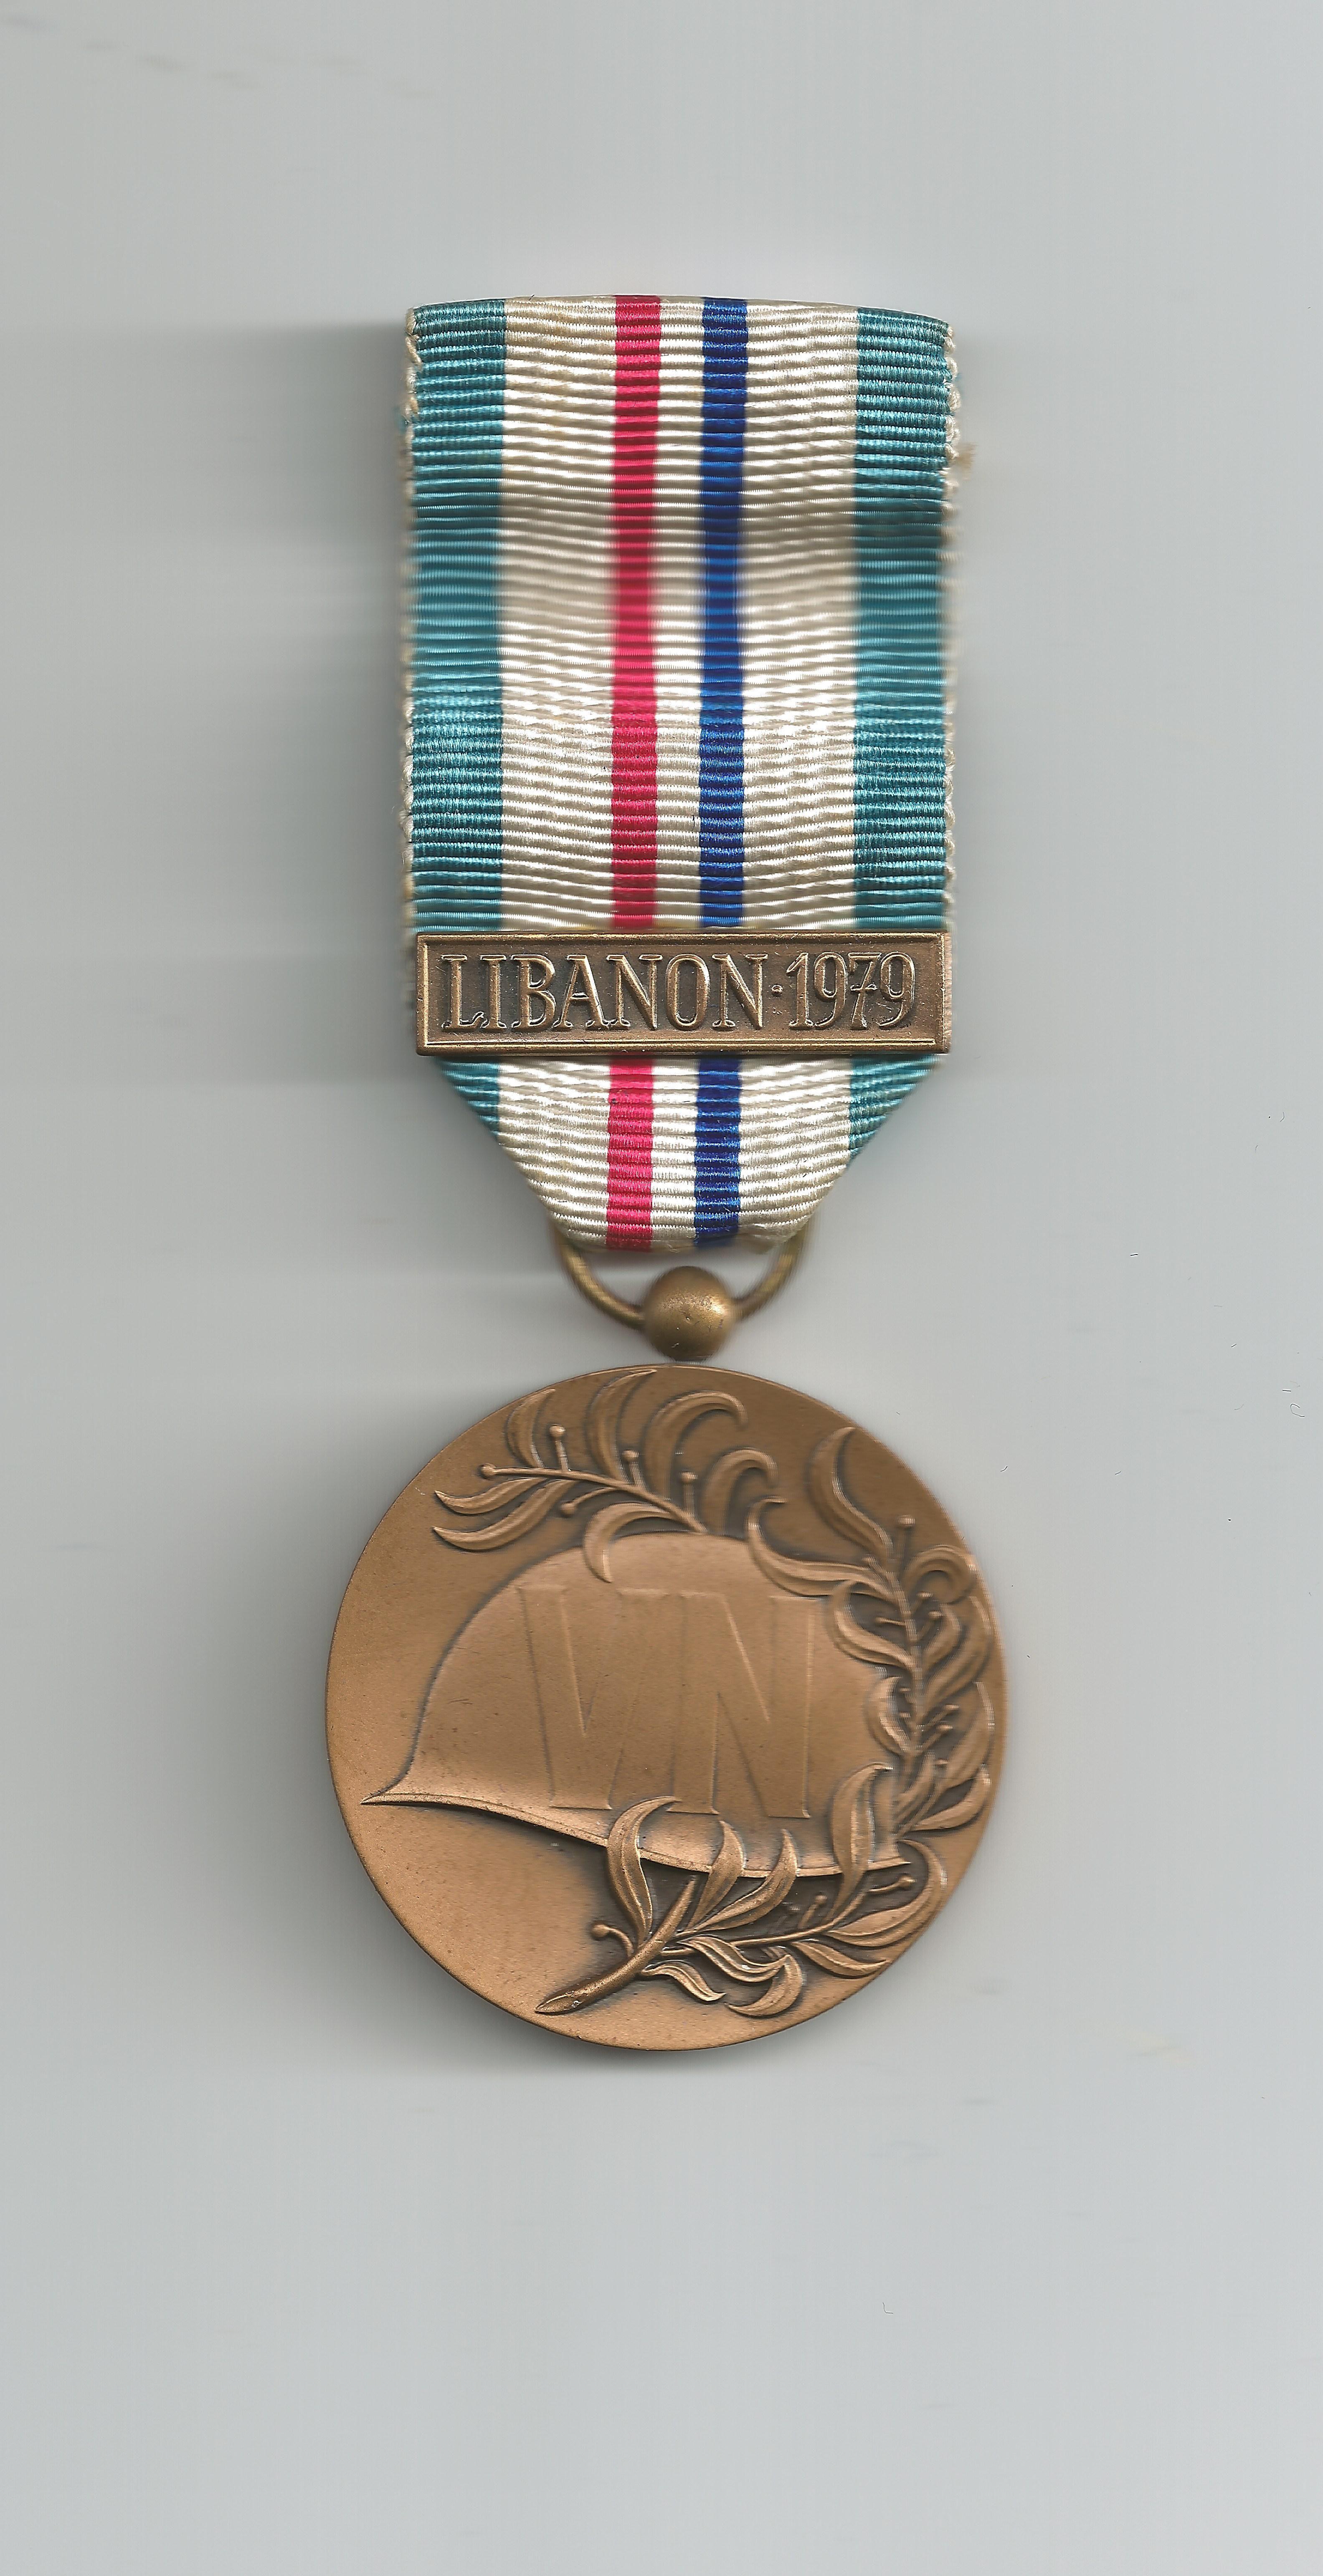 UNIFIL decoration 1979 after 100 days of UN service